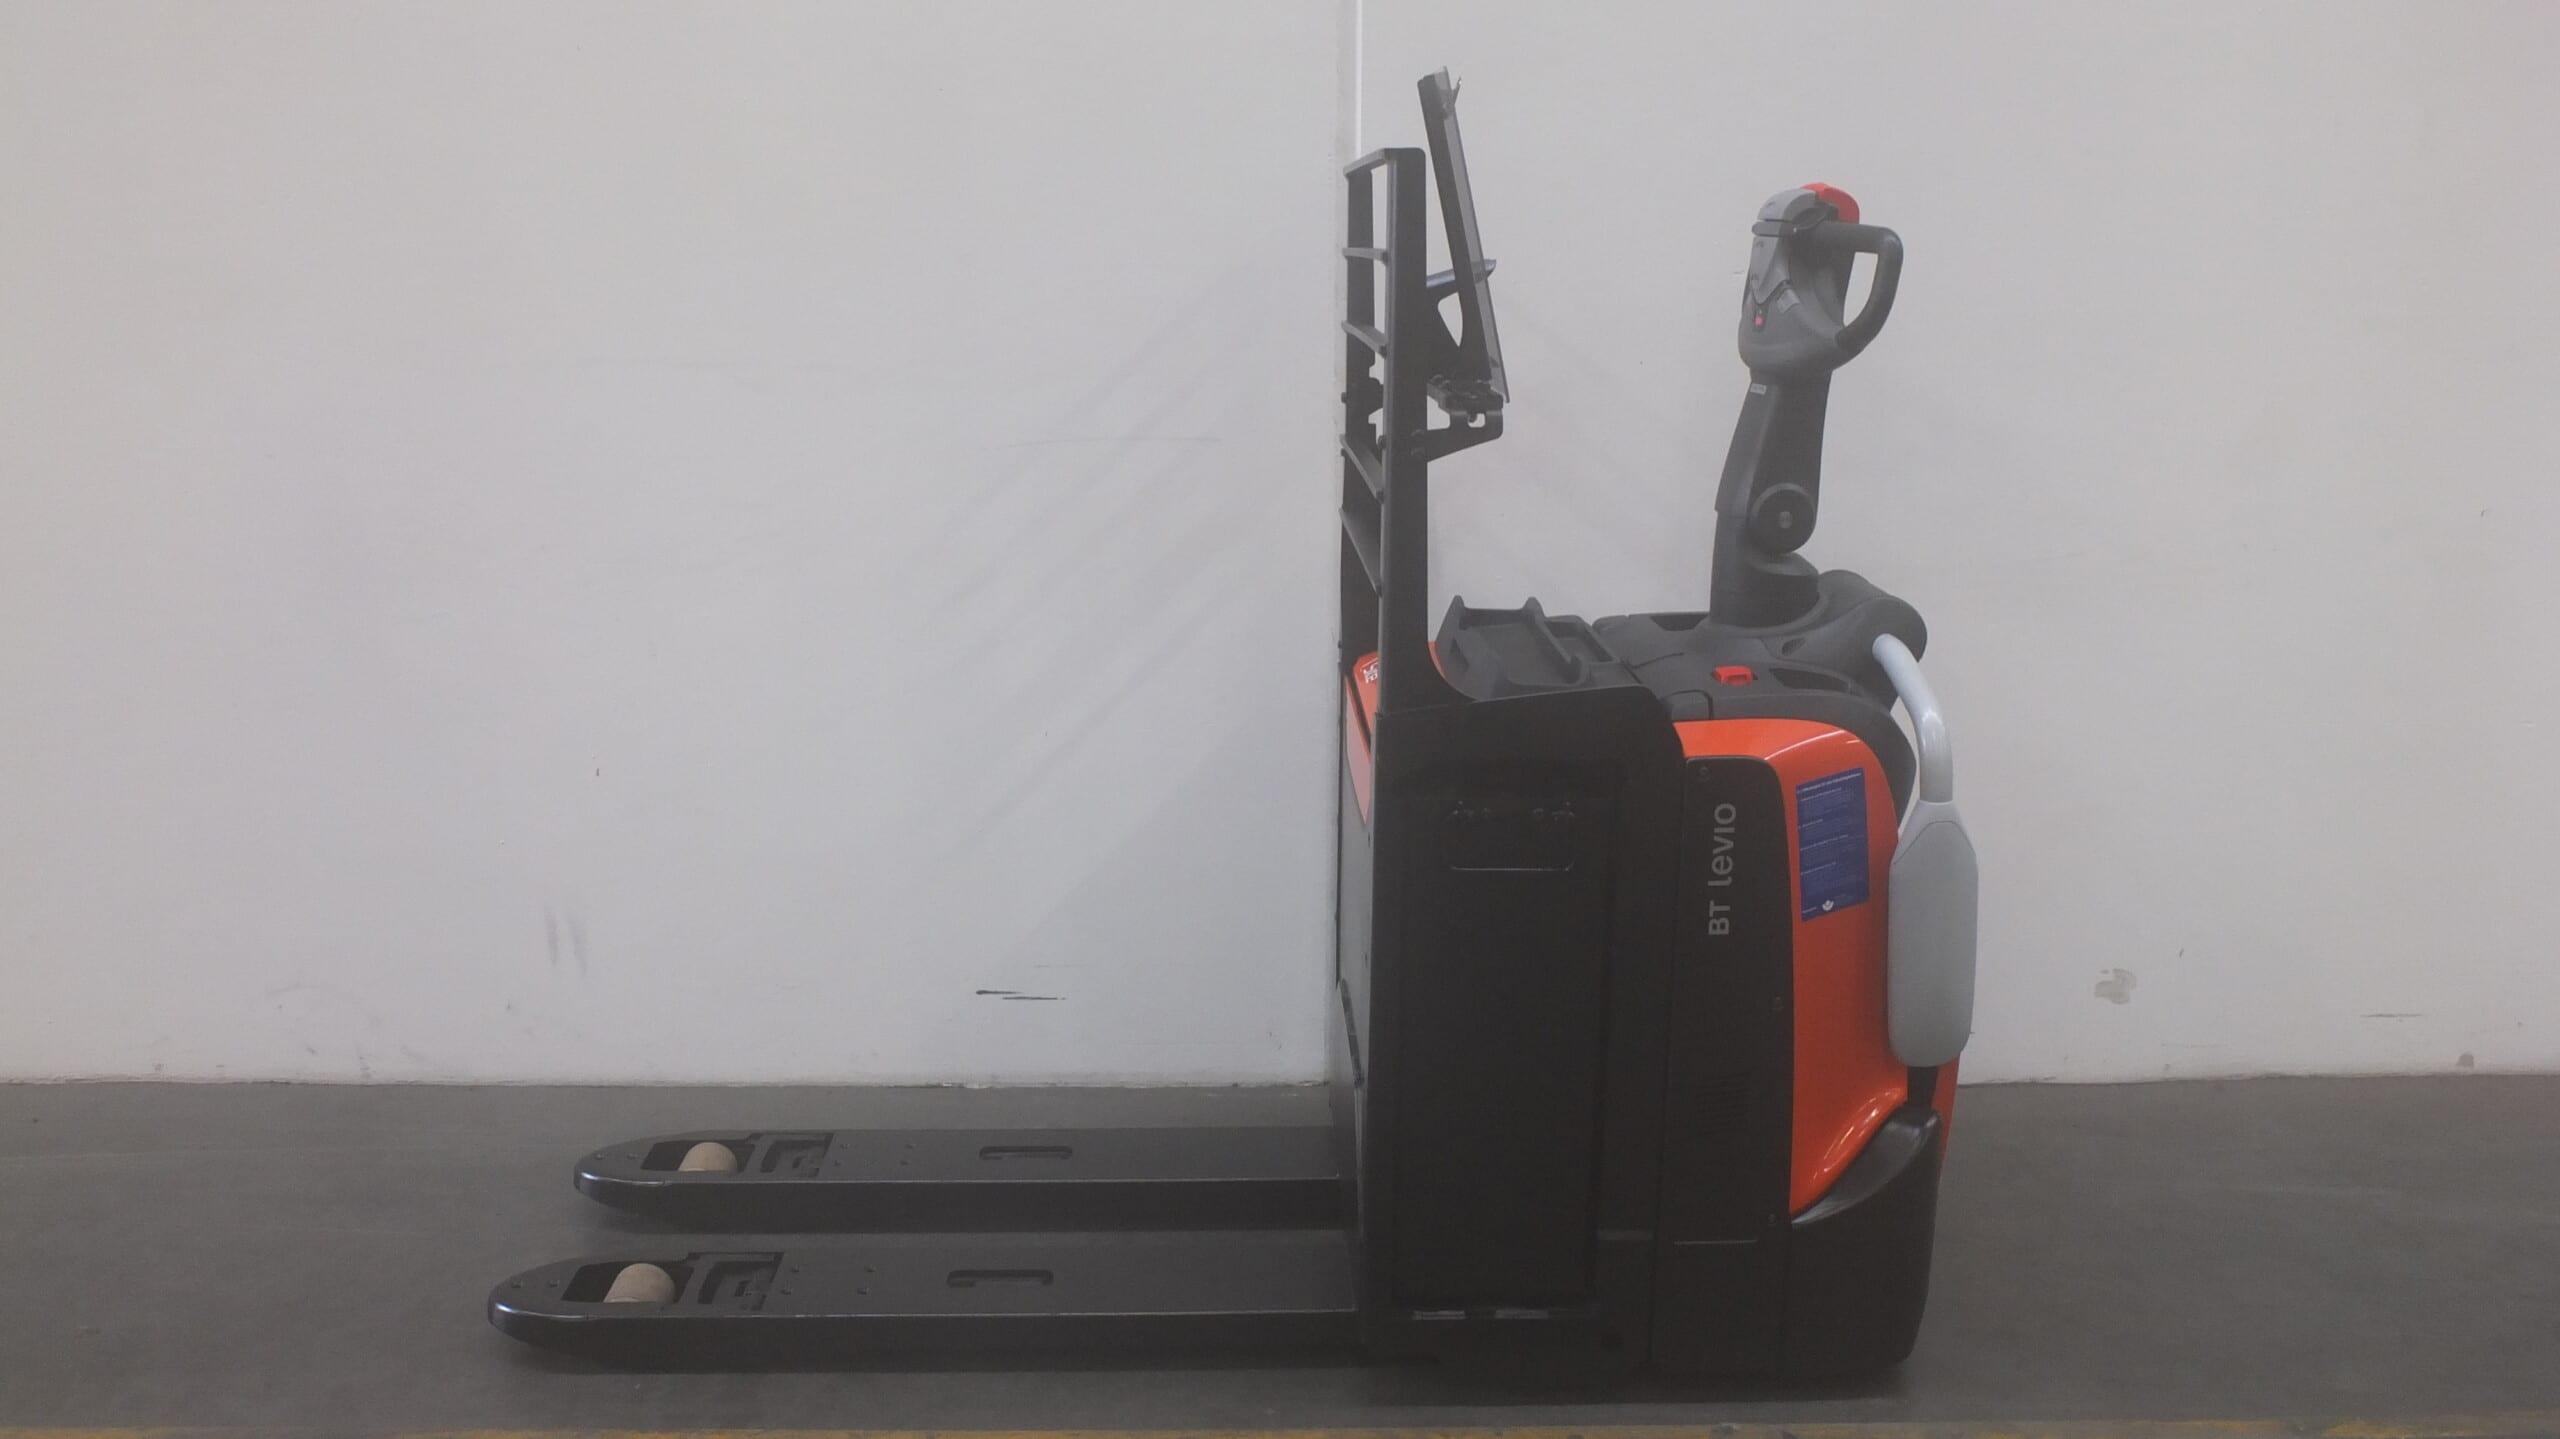 Toyota-Gabelstapler-59840 1809003929 1 scaled